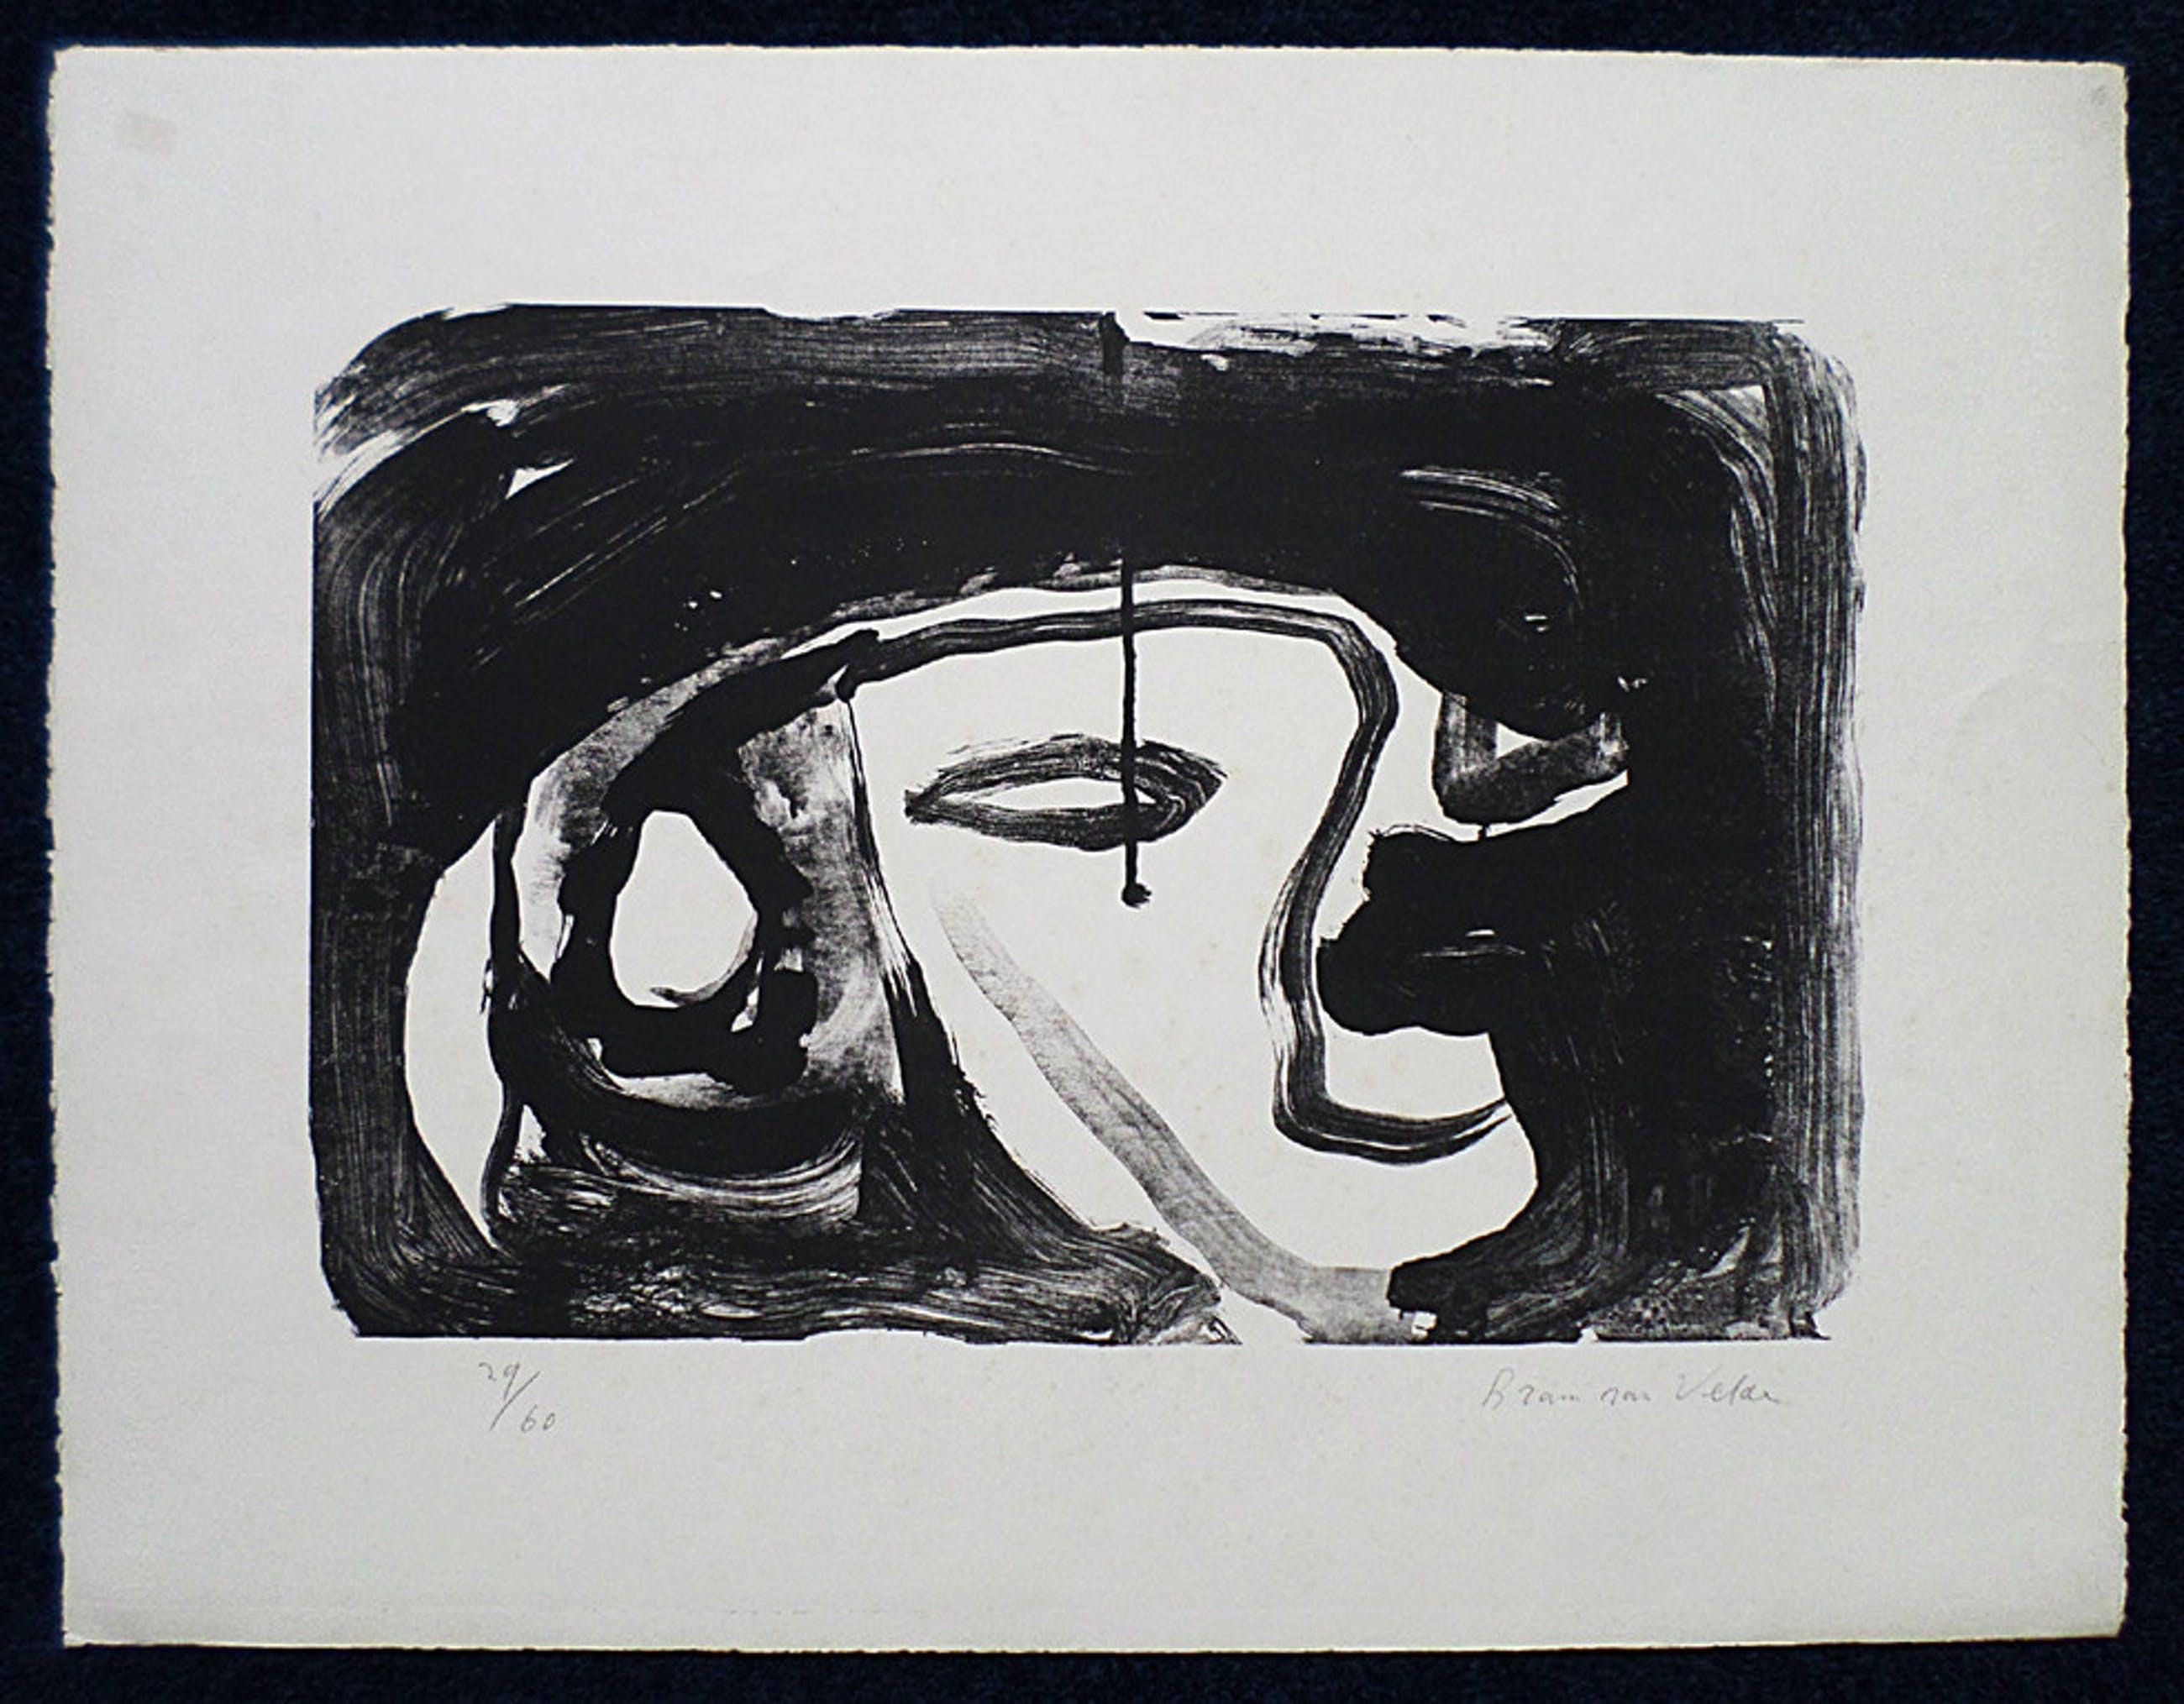 Bram van Velde - Compositie in Zwart Wit, litho kopen? Bied vanaf 190!